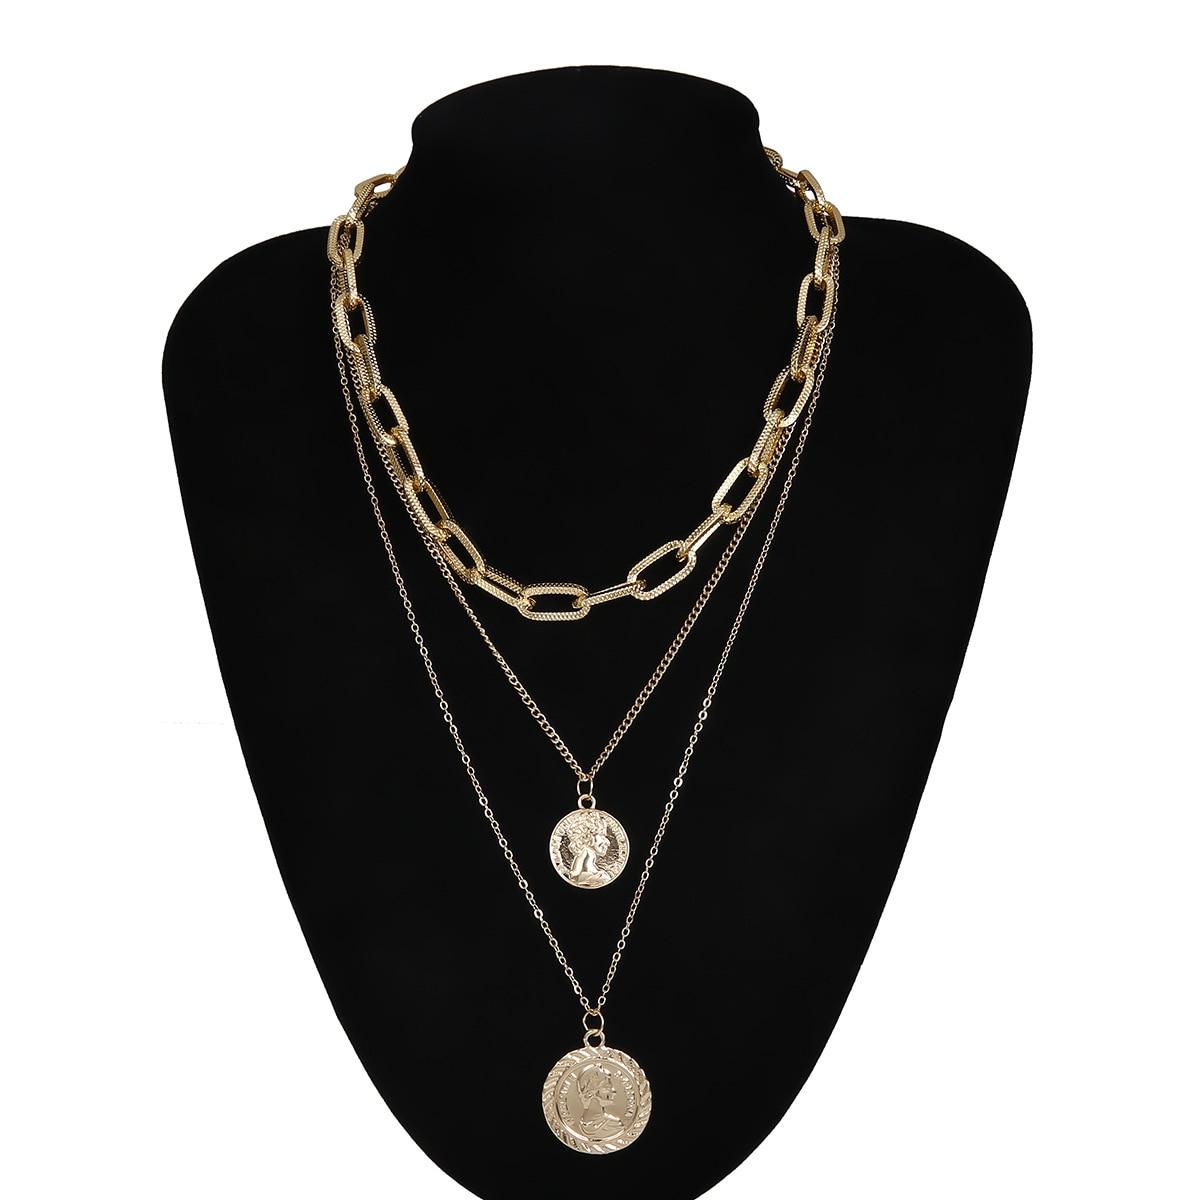 Модный сплав шаблон толстая цепочка многослойное ожерелье для женщин портрет простой ретро металлическая бирка ожерелье ювелирные изделия оптом